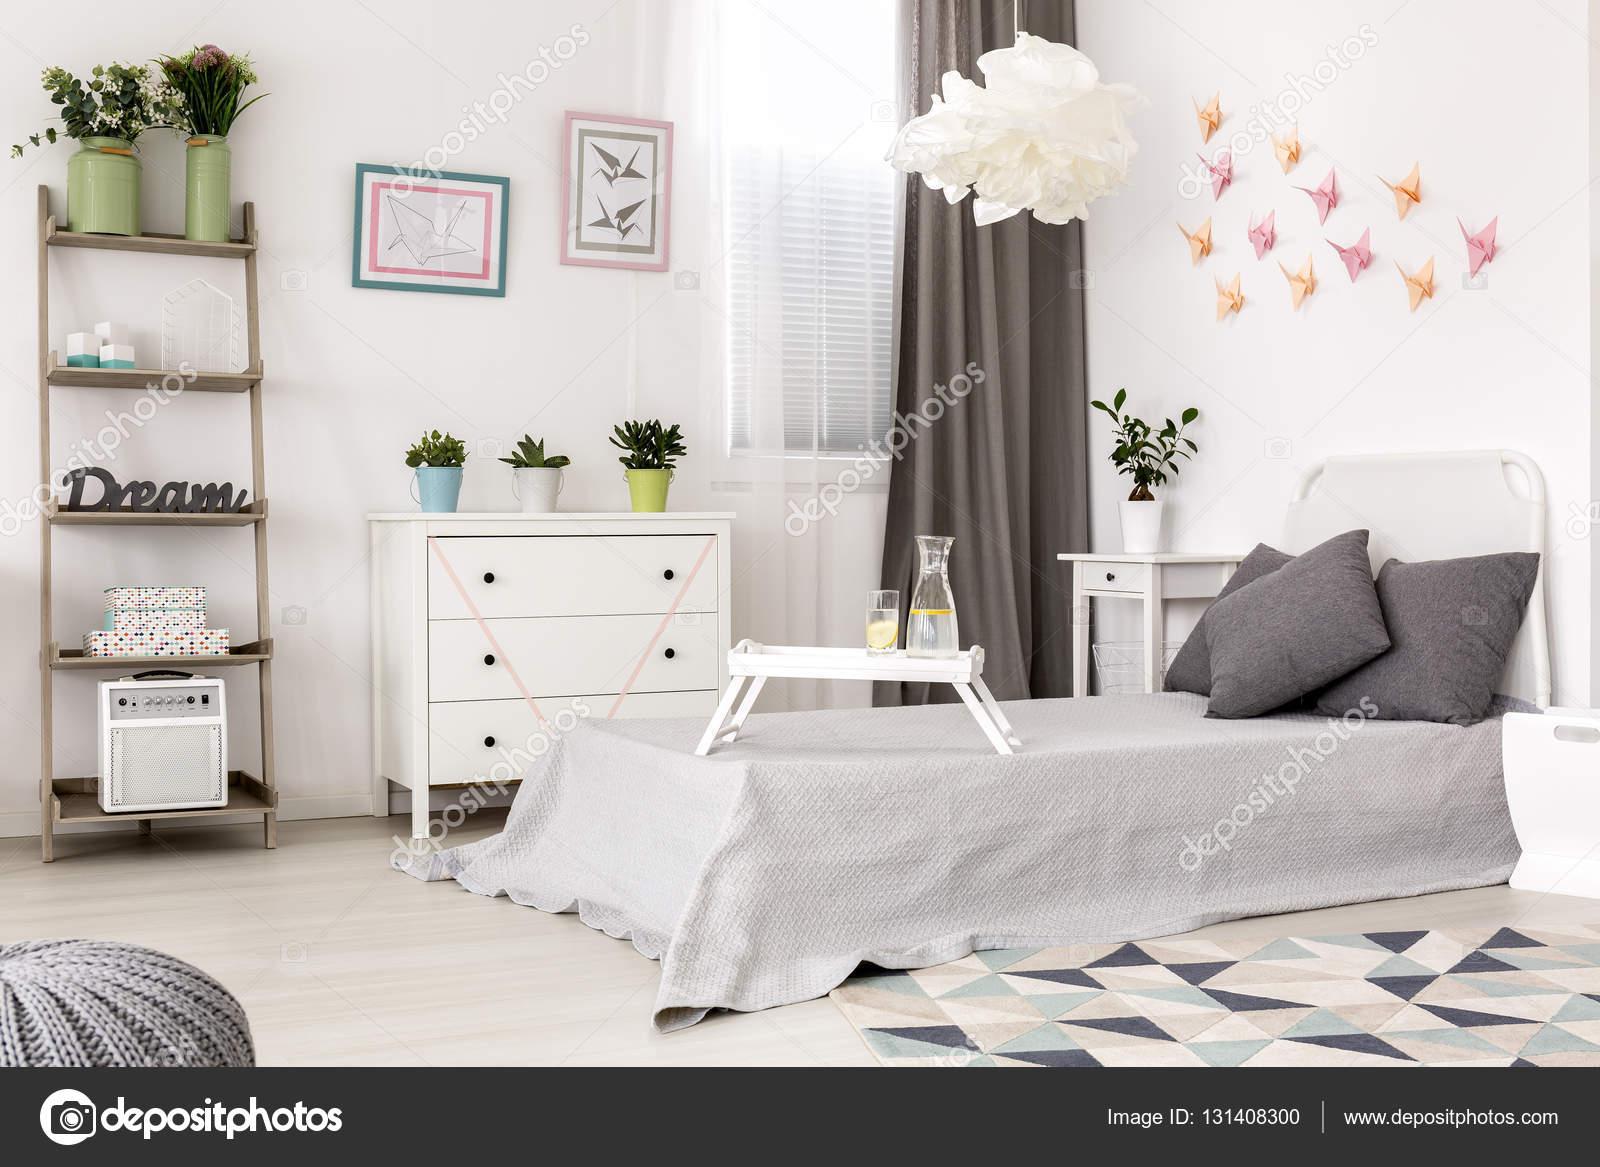 Decoratie Slaapkamer Muur : Slaapkamer met papieren decoratie aan de muur u stockfoto